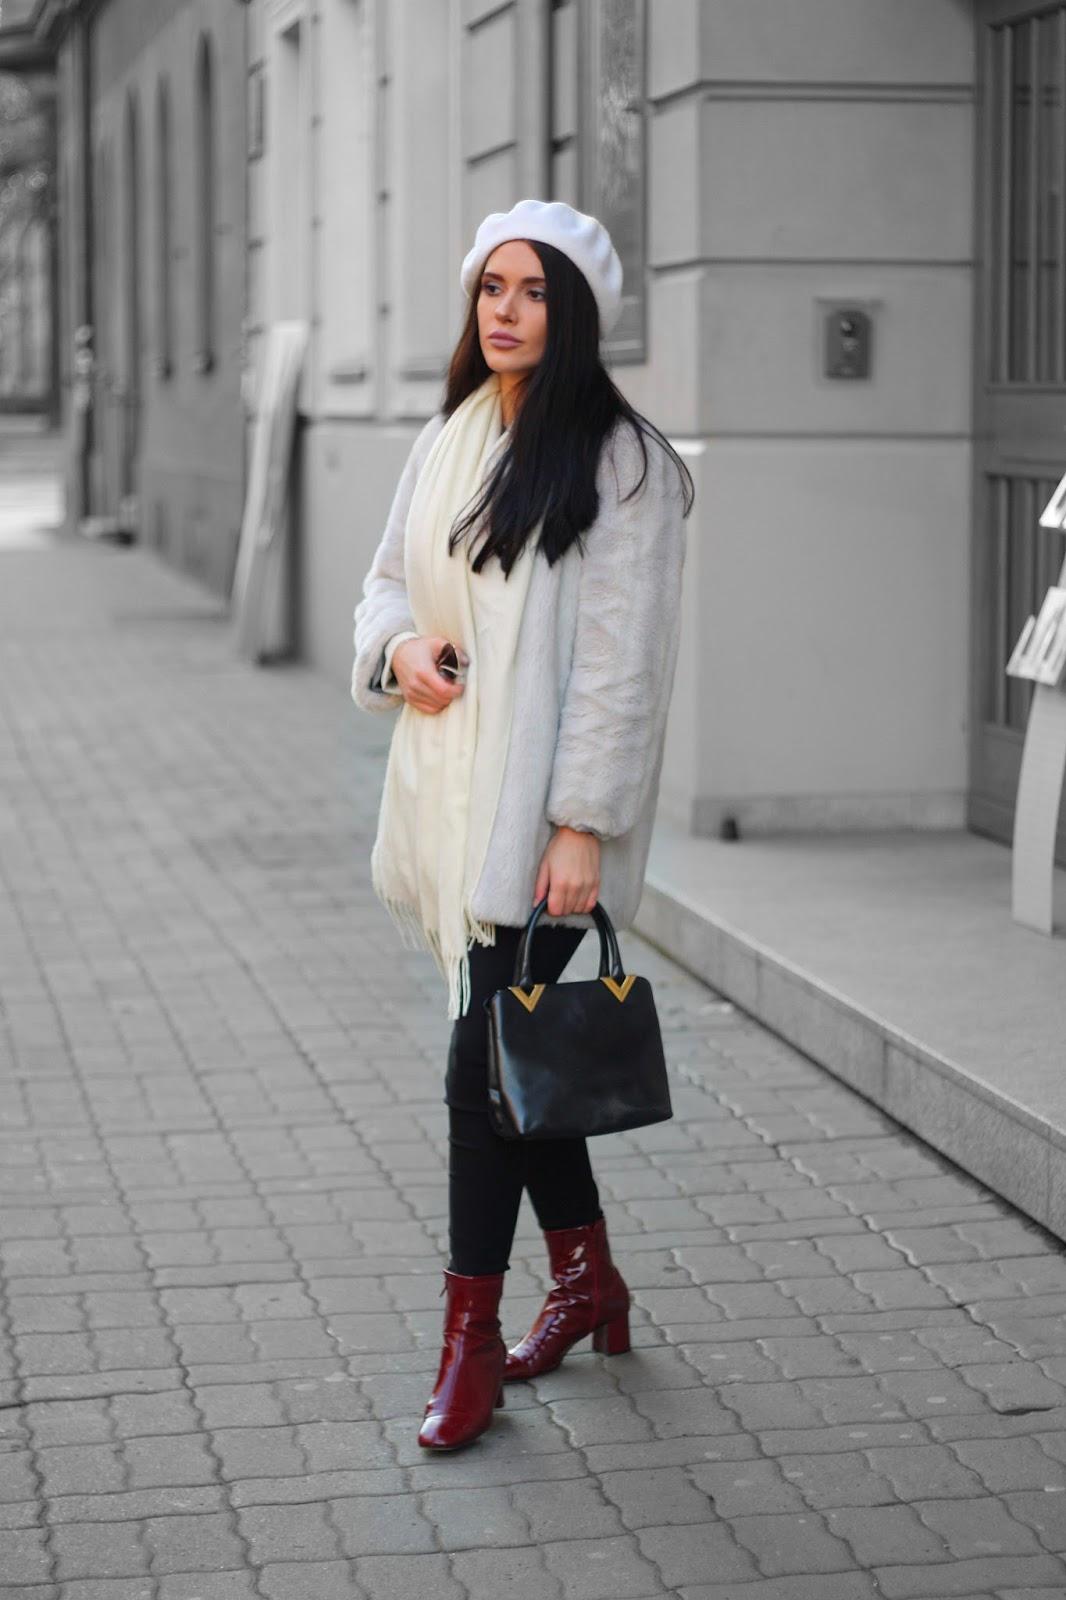 jak nosić beret, beret jak nosić, jak założyć beret, biały beret, white beret